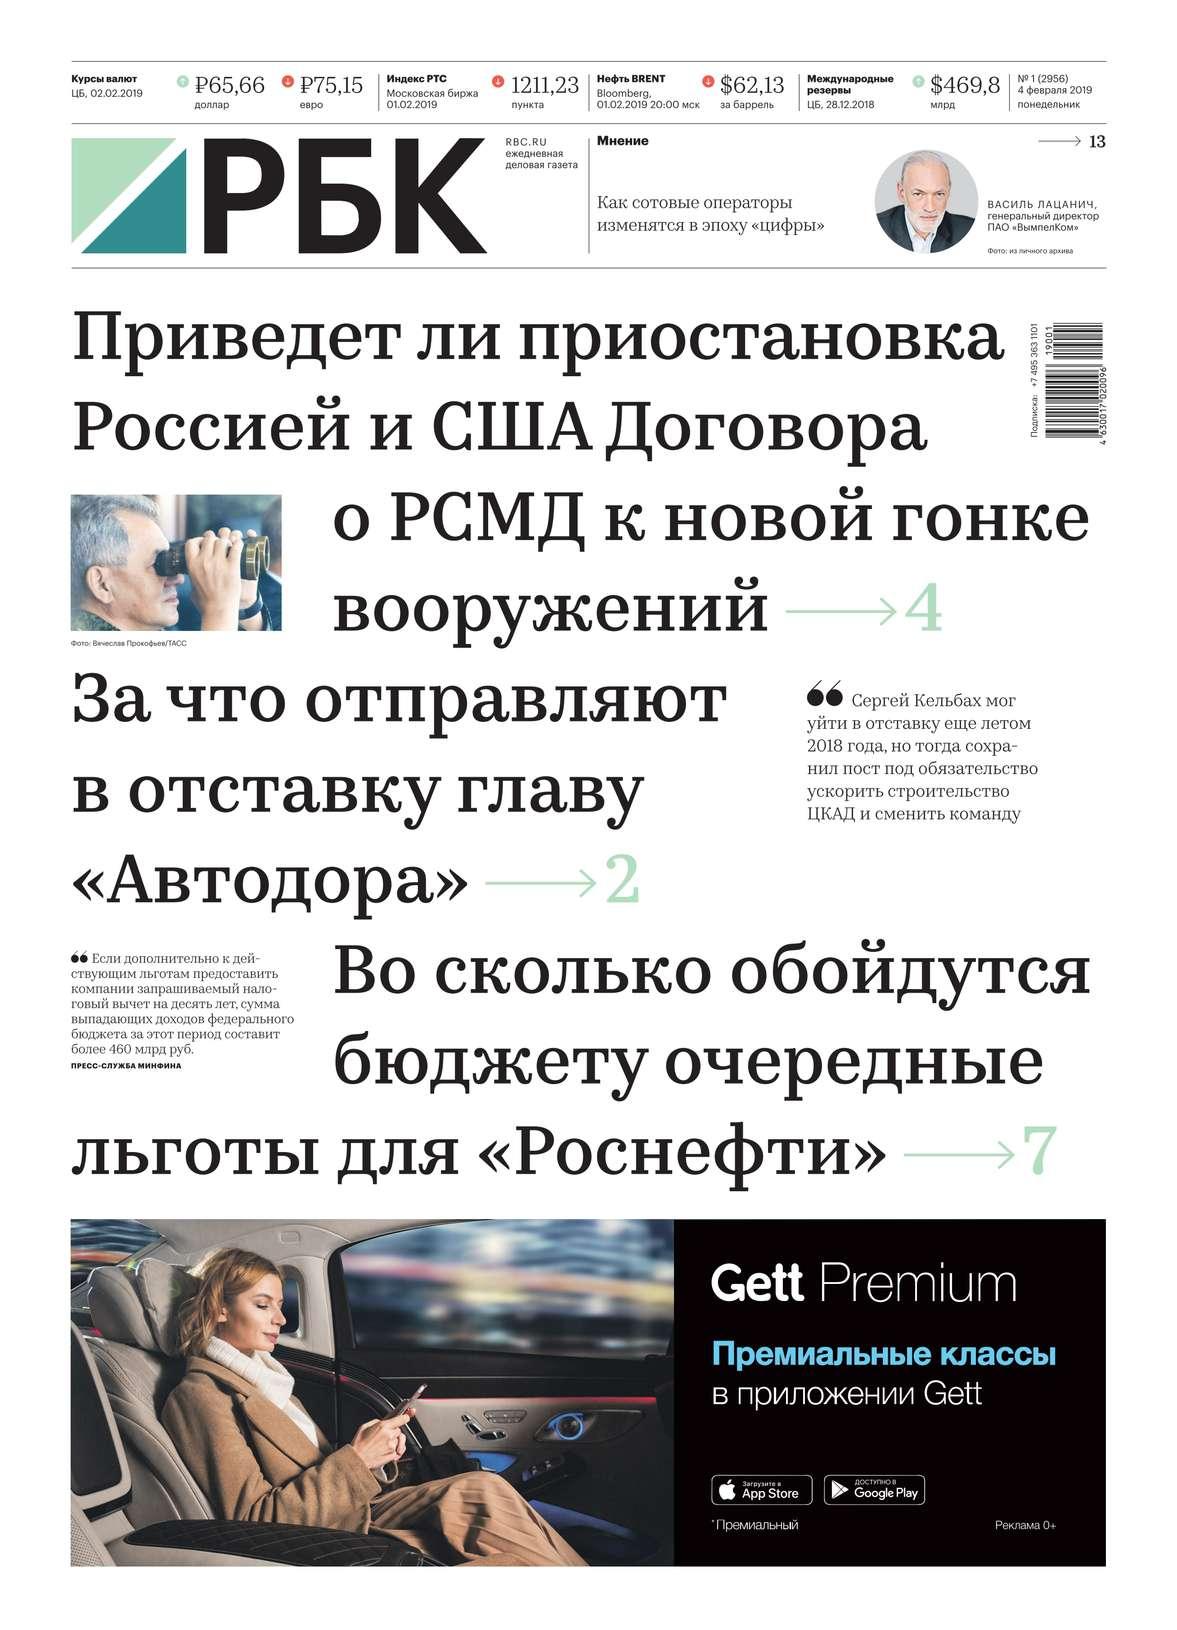 Ежедневная Деловая Газета Рбк 01-2019